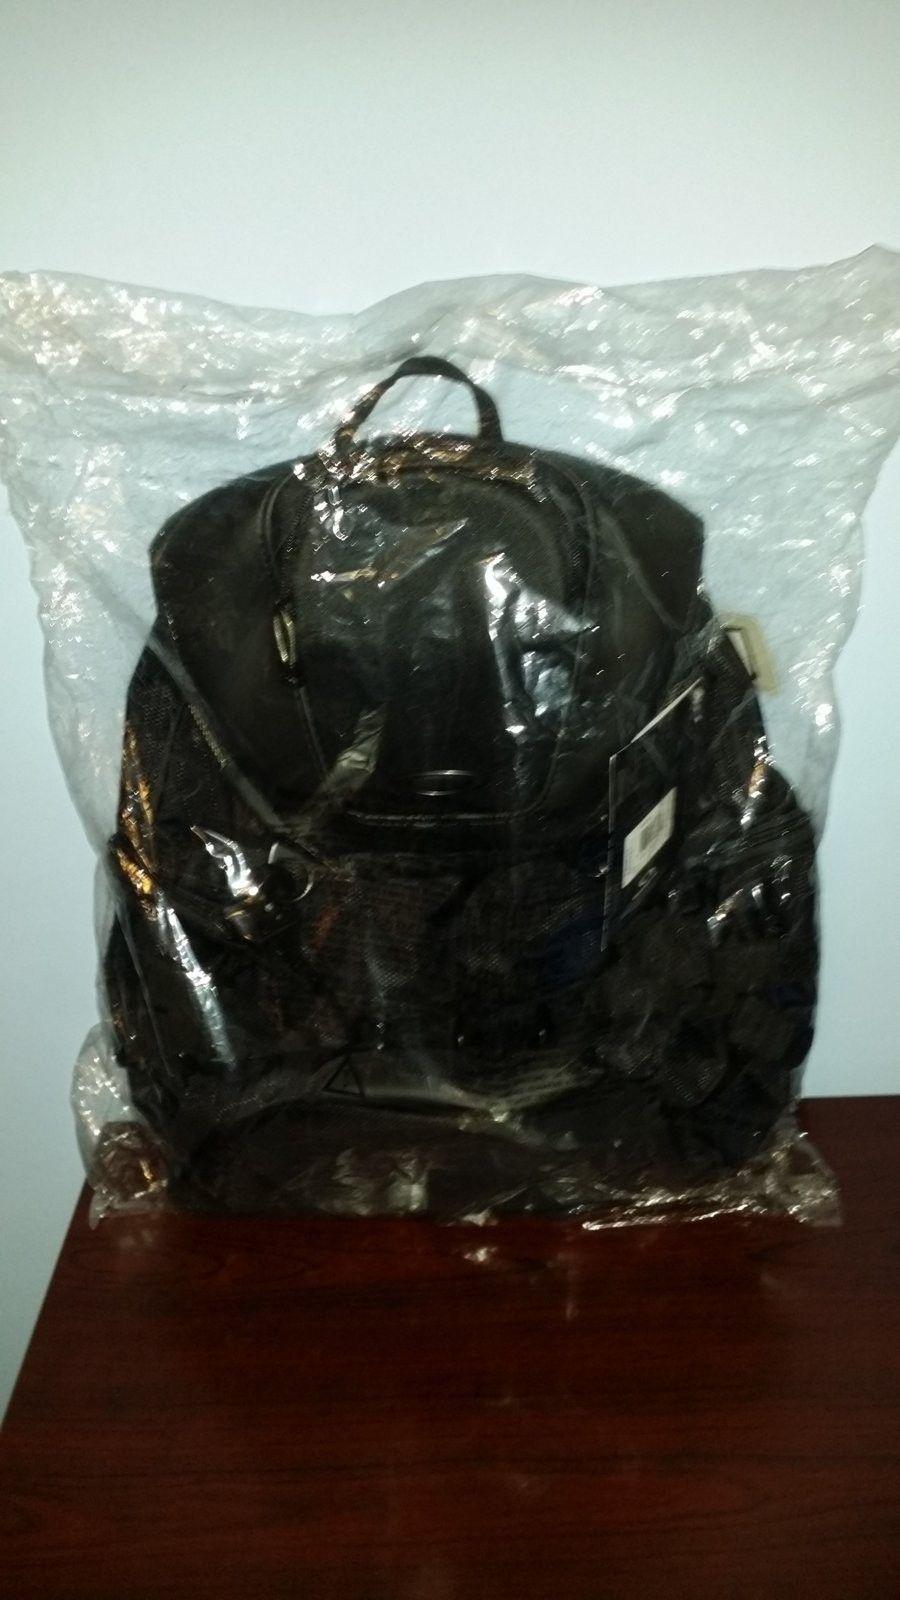 Oakley Bathroom Sink Backpack - Stealth Black - 20150826_194358.jpg